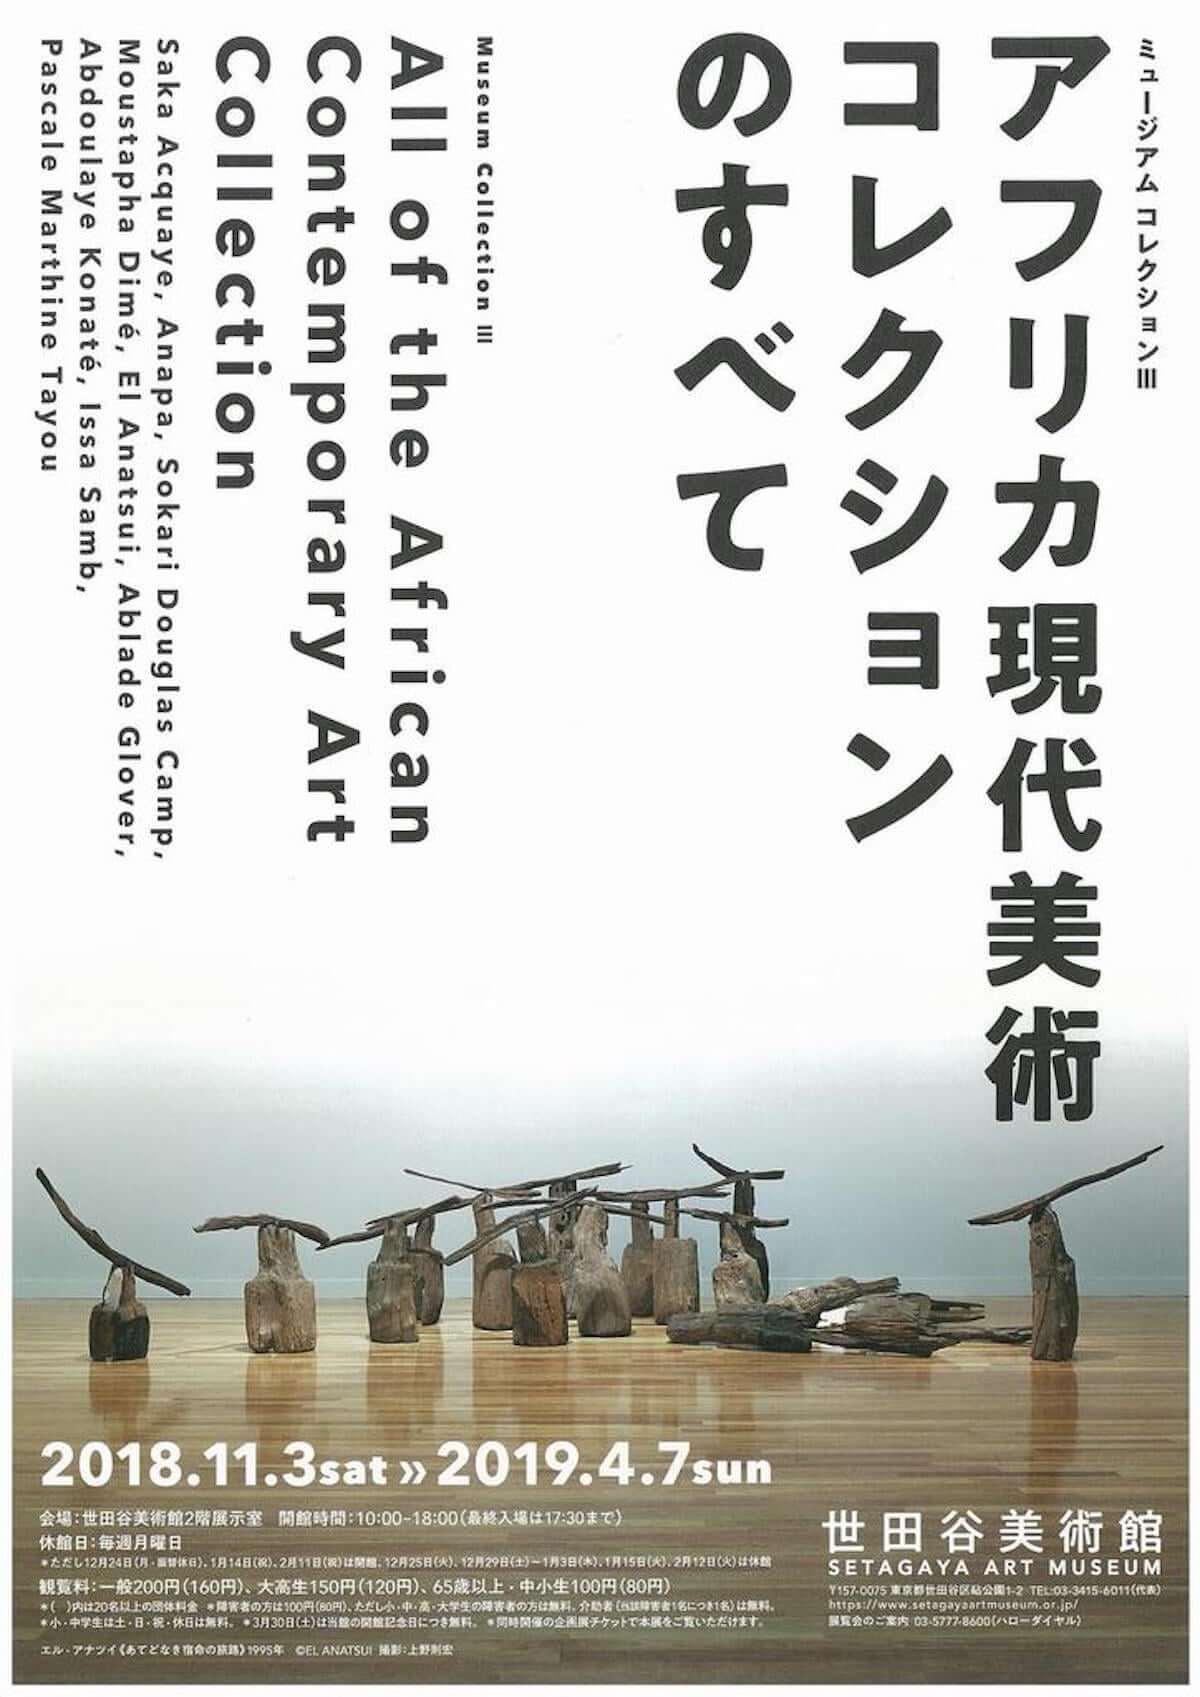 今週末訪れたい現代アートを感じるアート展、5選 art190328_contemporary_04-1200x1697